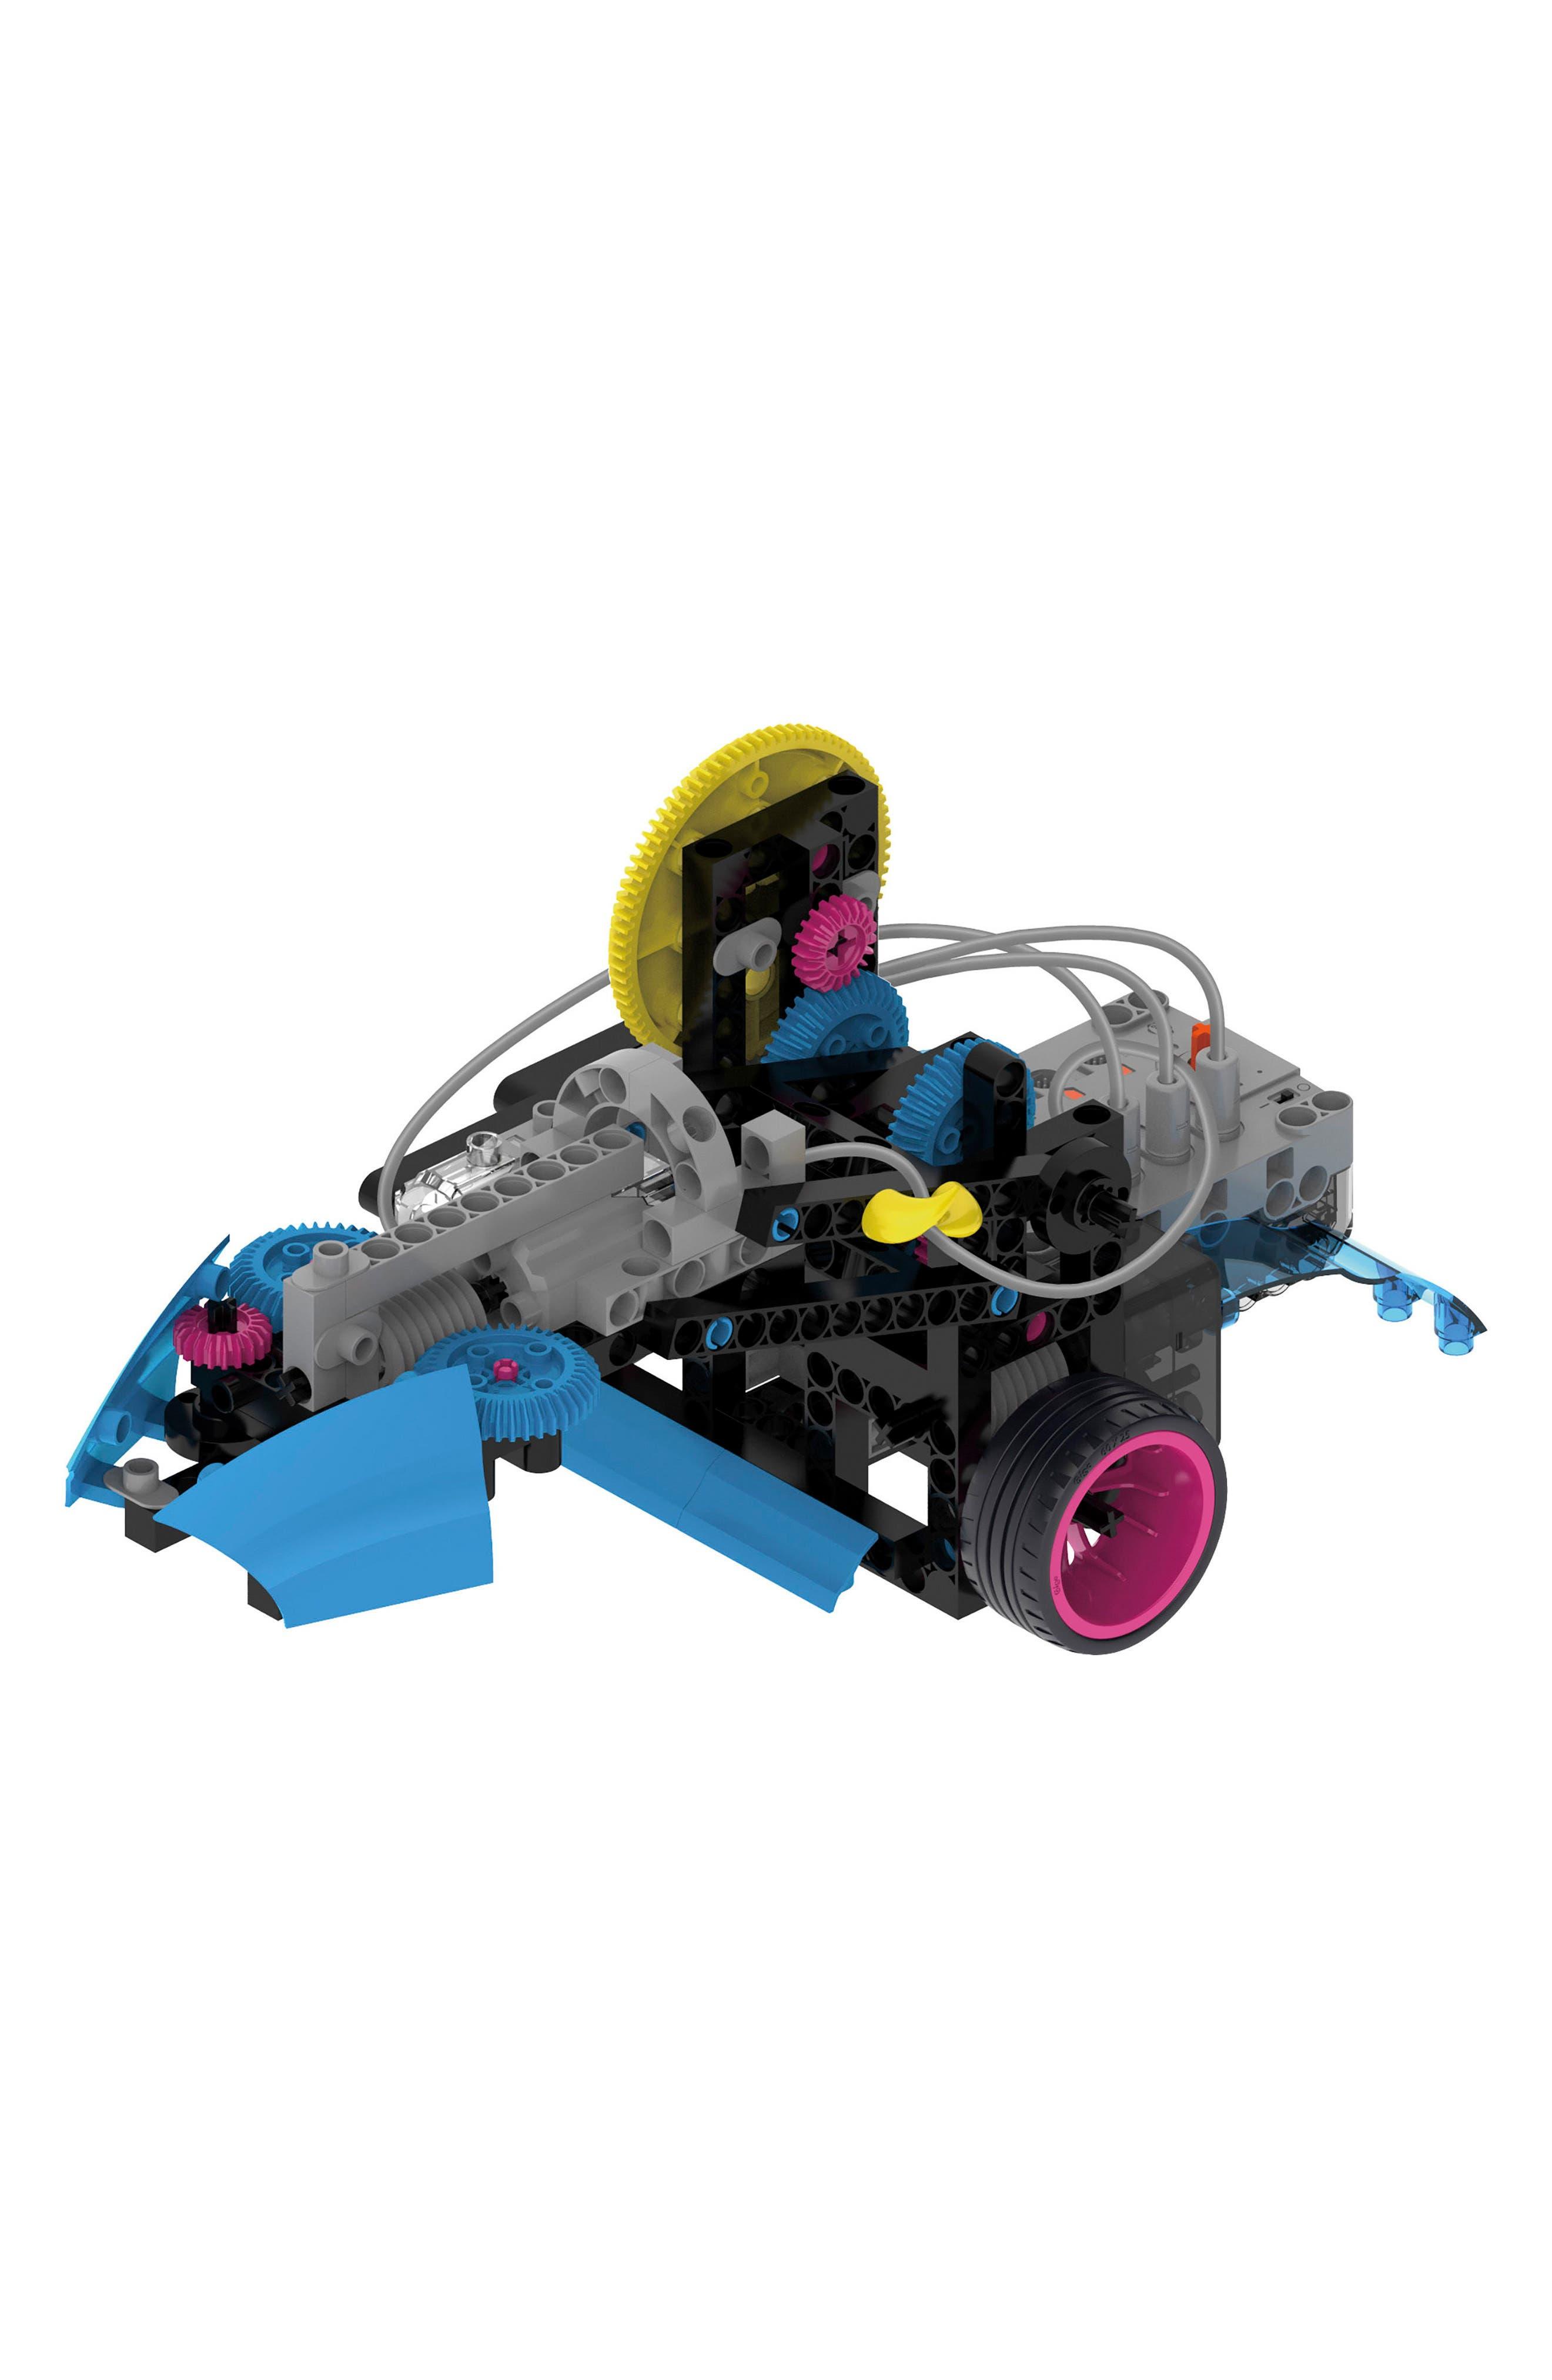 Robotics Building Kit,                             Alternate thumbnail 4, color,                             NO COLOR